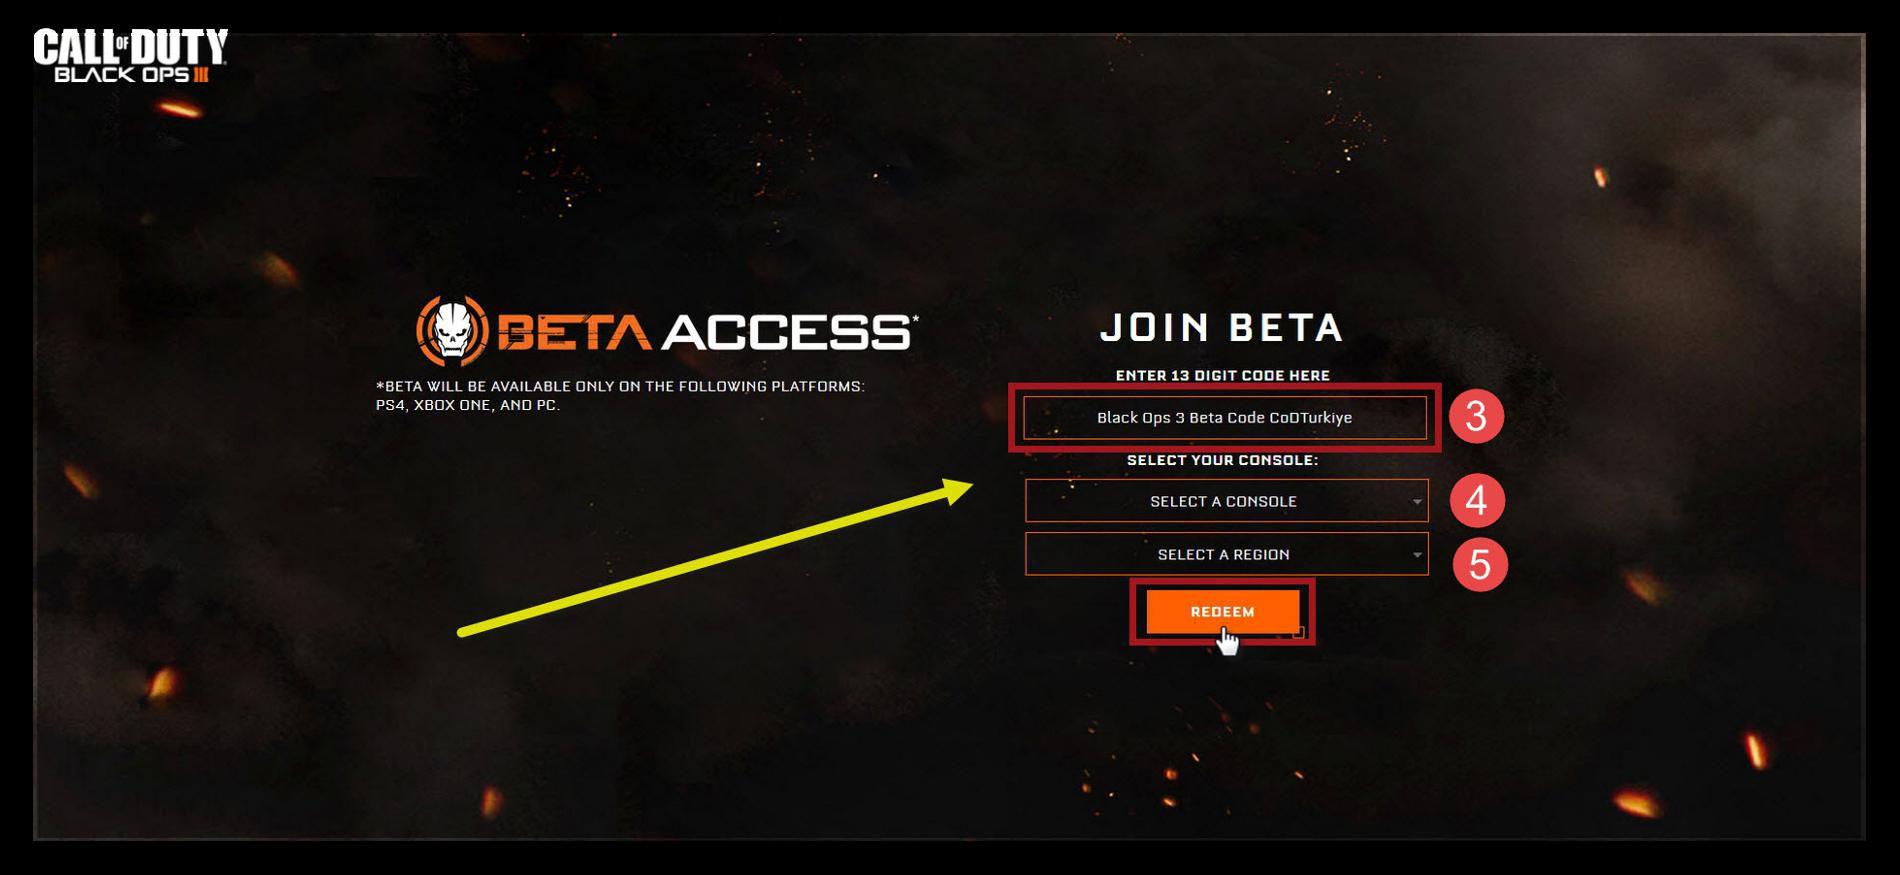 Call of Duty Black Ops 3 Multiplayer Beta Kayıt Olma İşlemleri